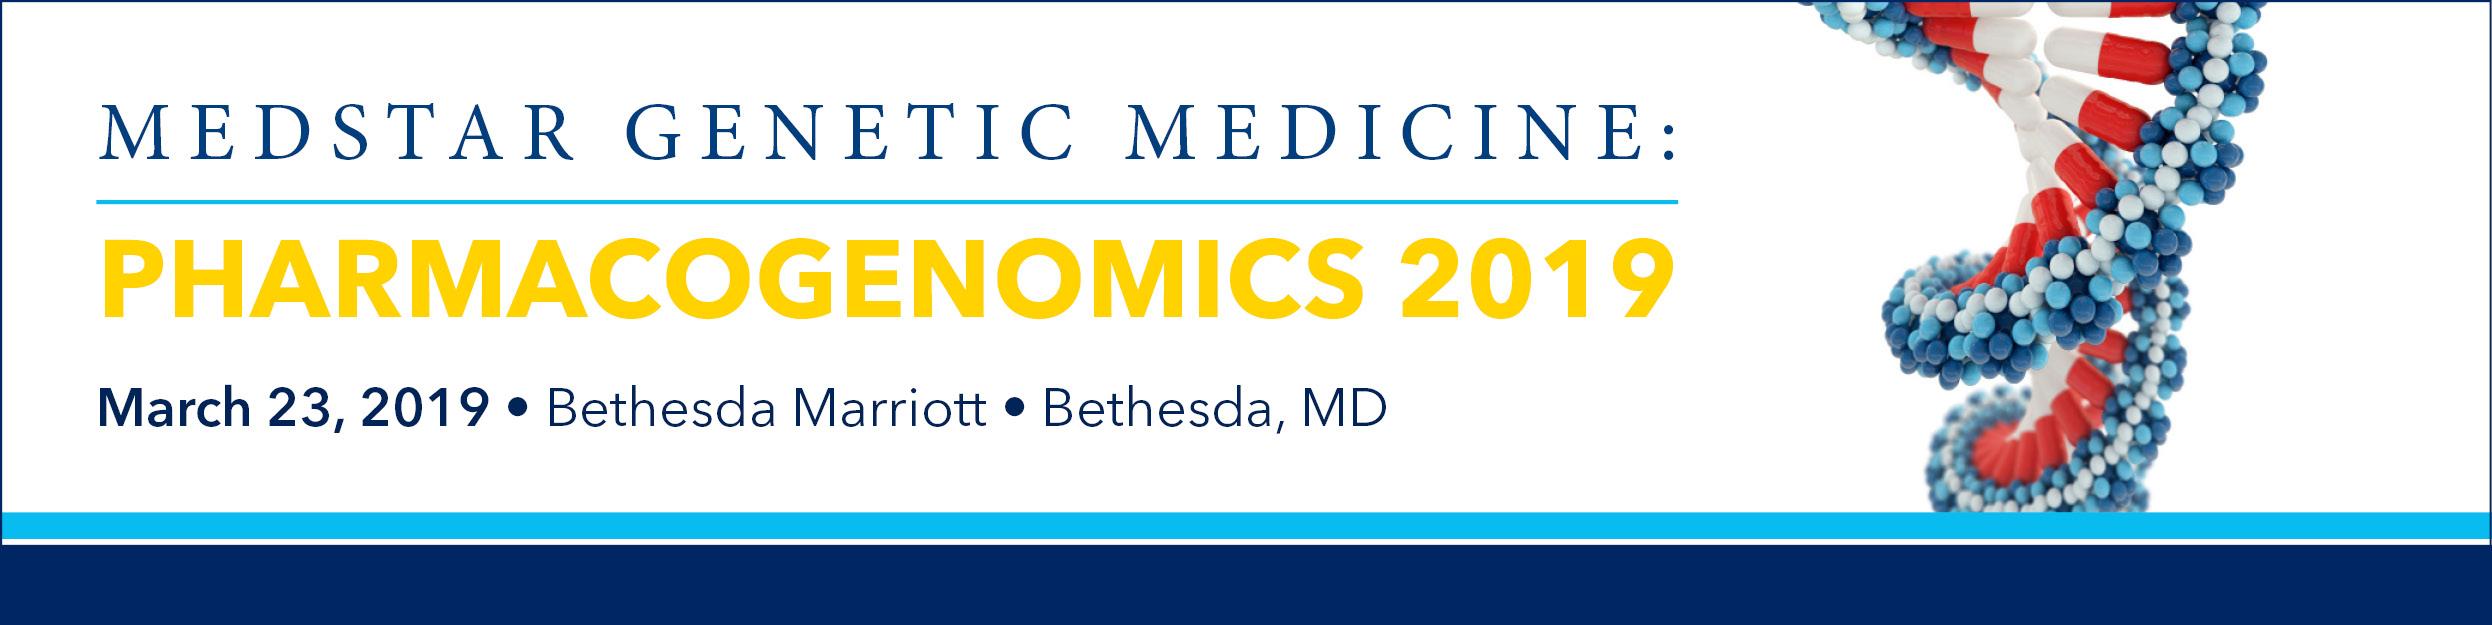 MedStar Genetic Medicine: Pharmacogenomics 2019 Banner